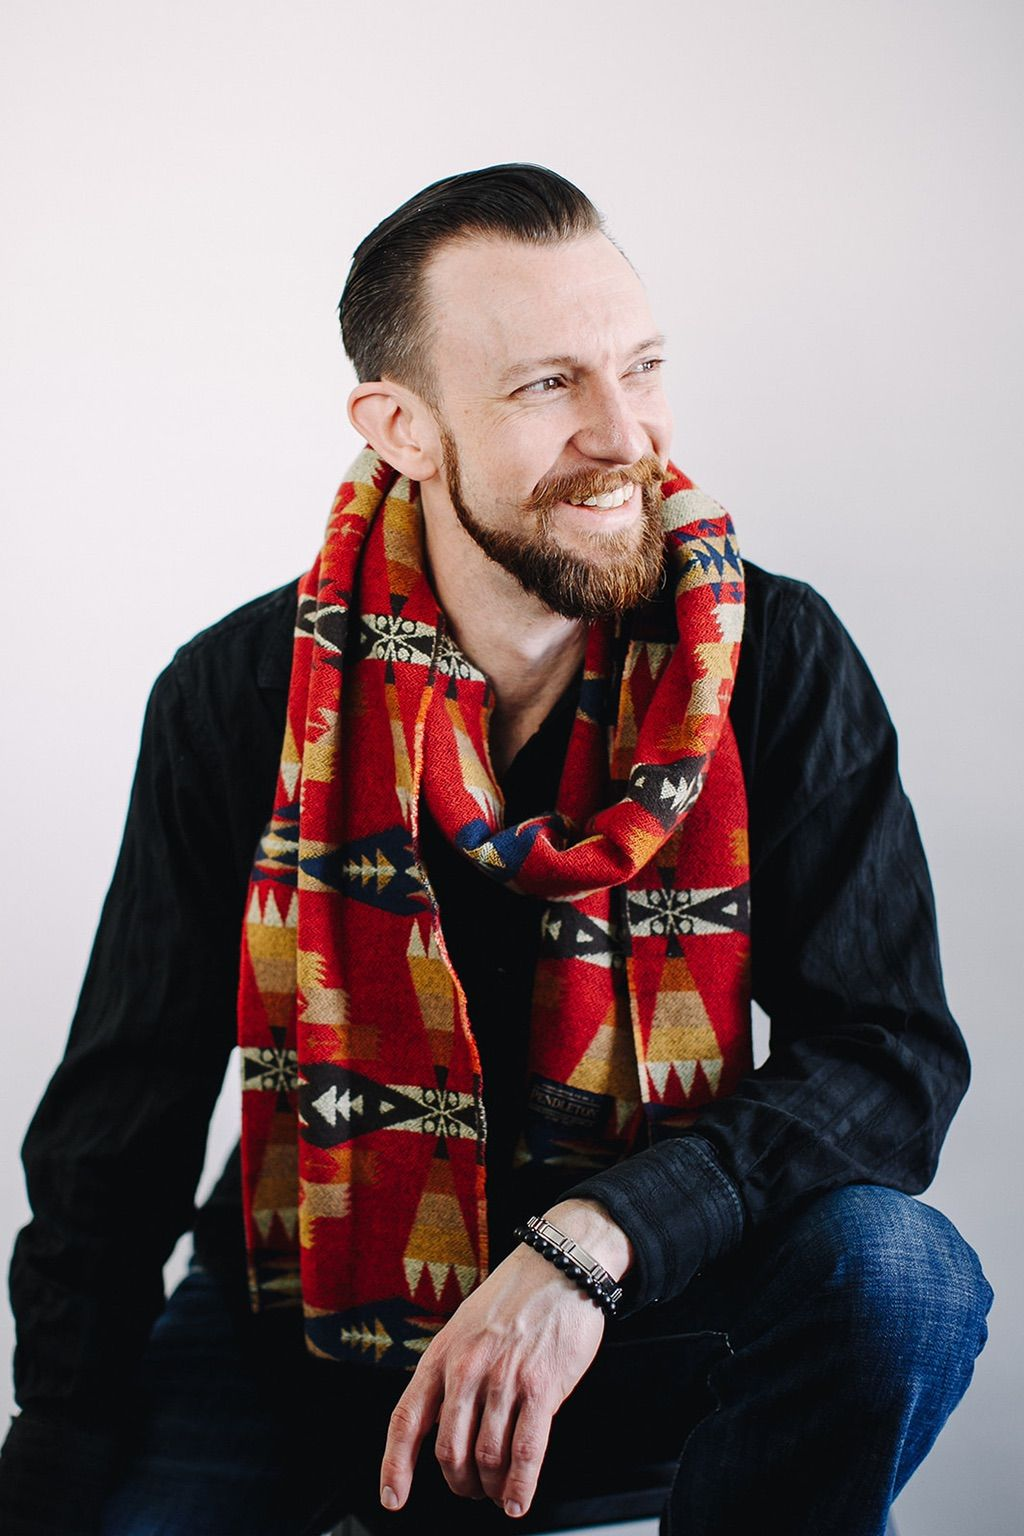 Adam Maynard: Dance and Music teacher